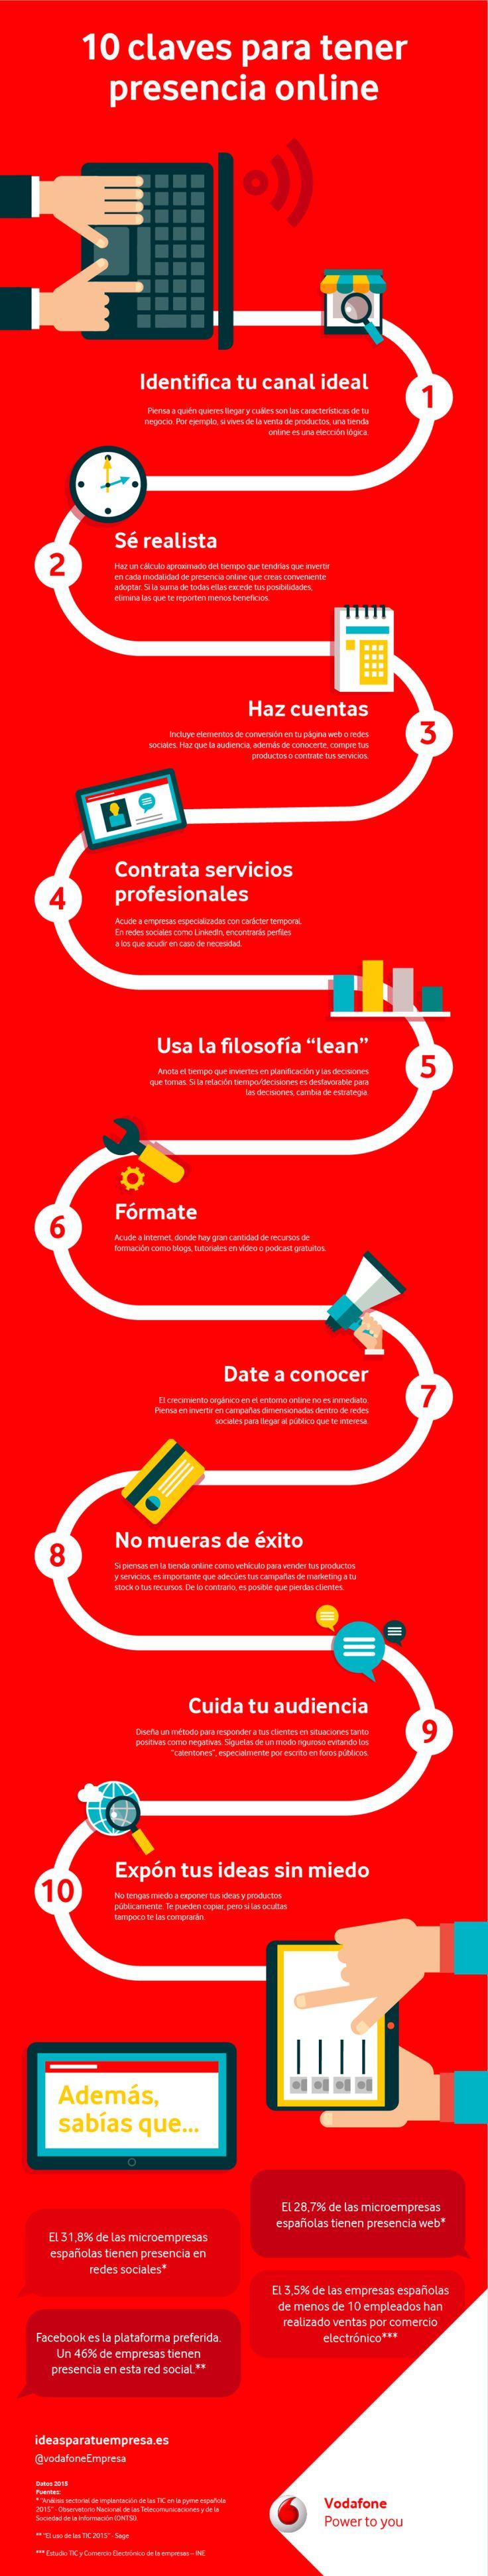 10 claves para tener presencia online #infografía